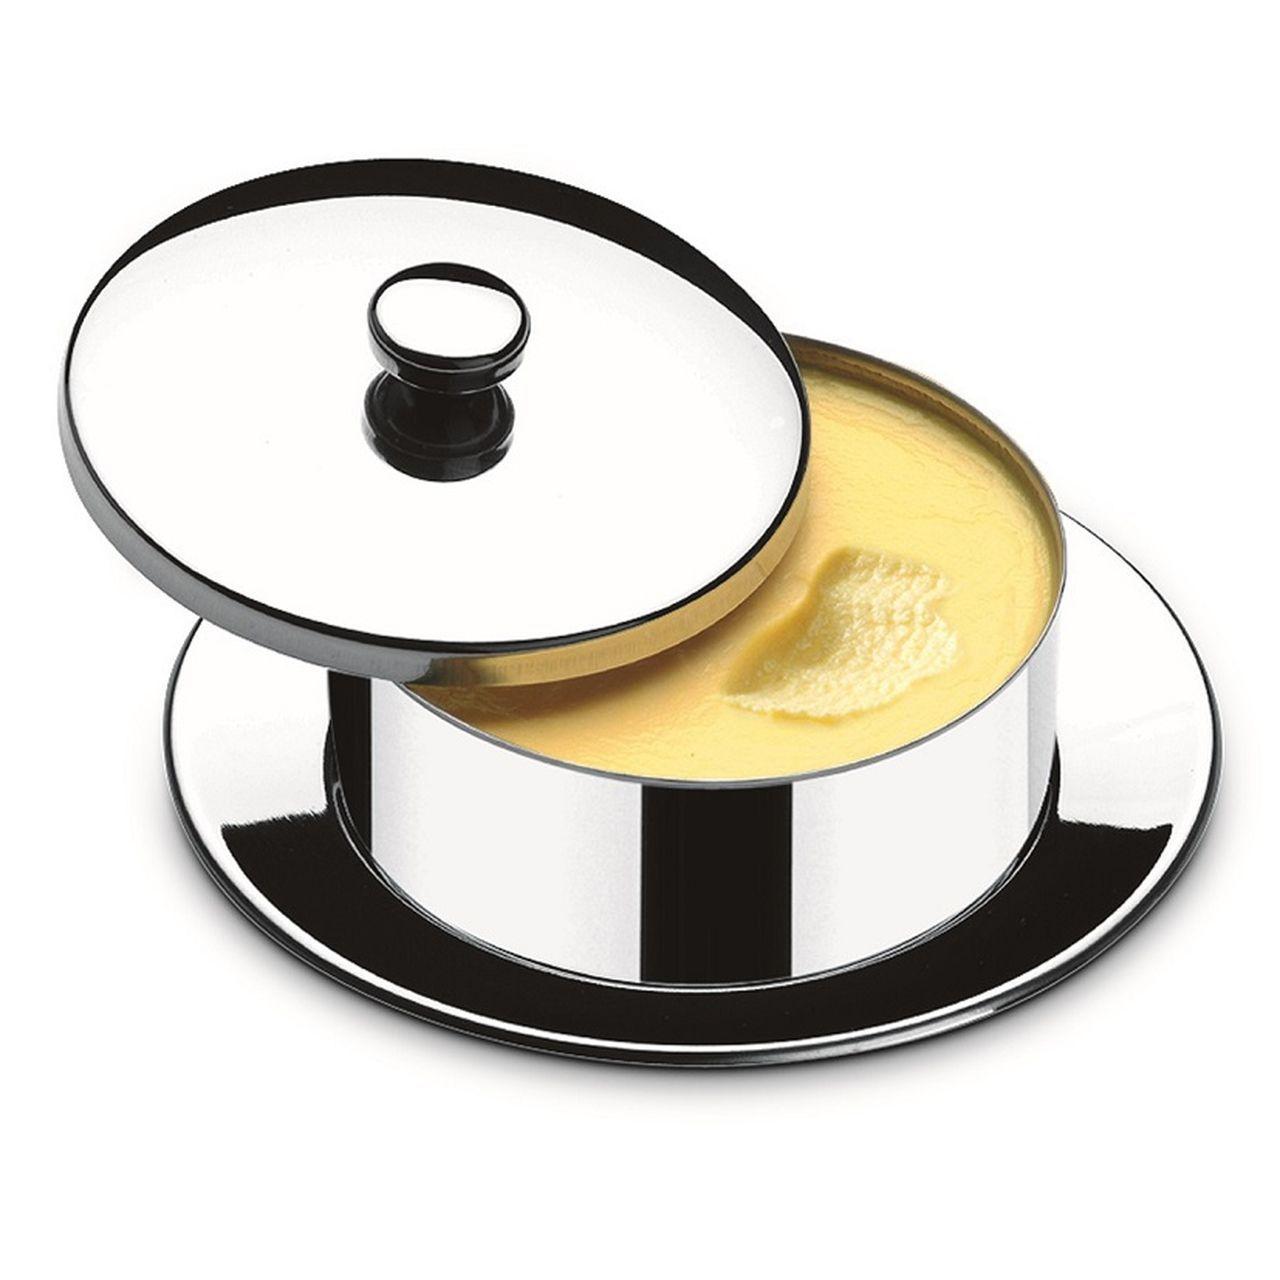 Kit Para Café Da Manhã 5 Peças Aço Inox - Brinox